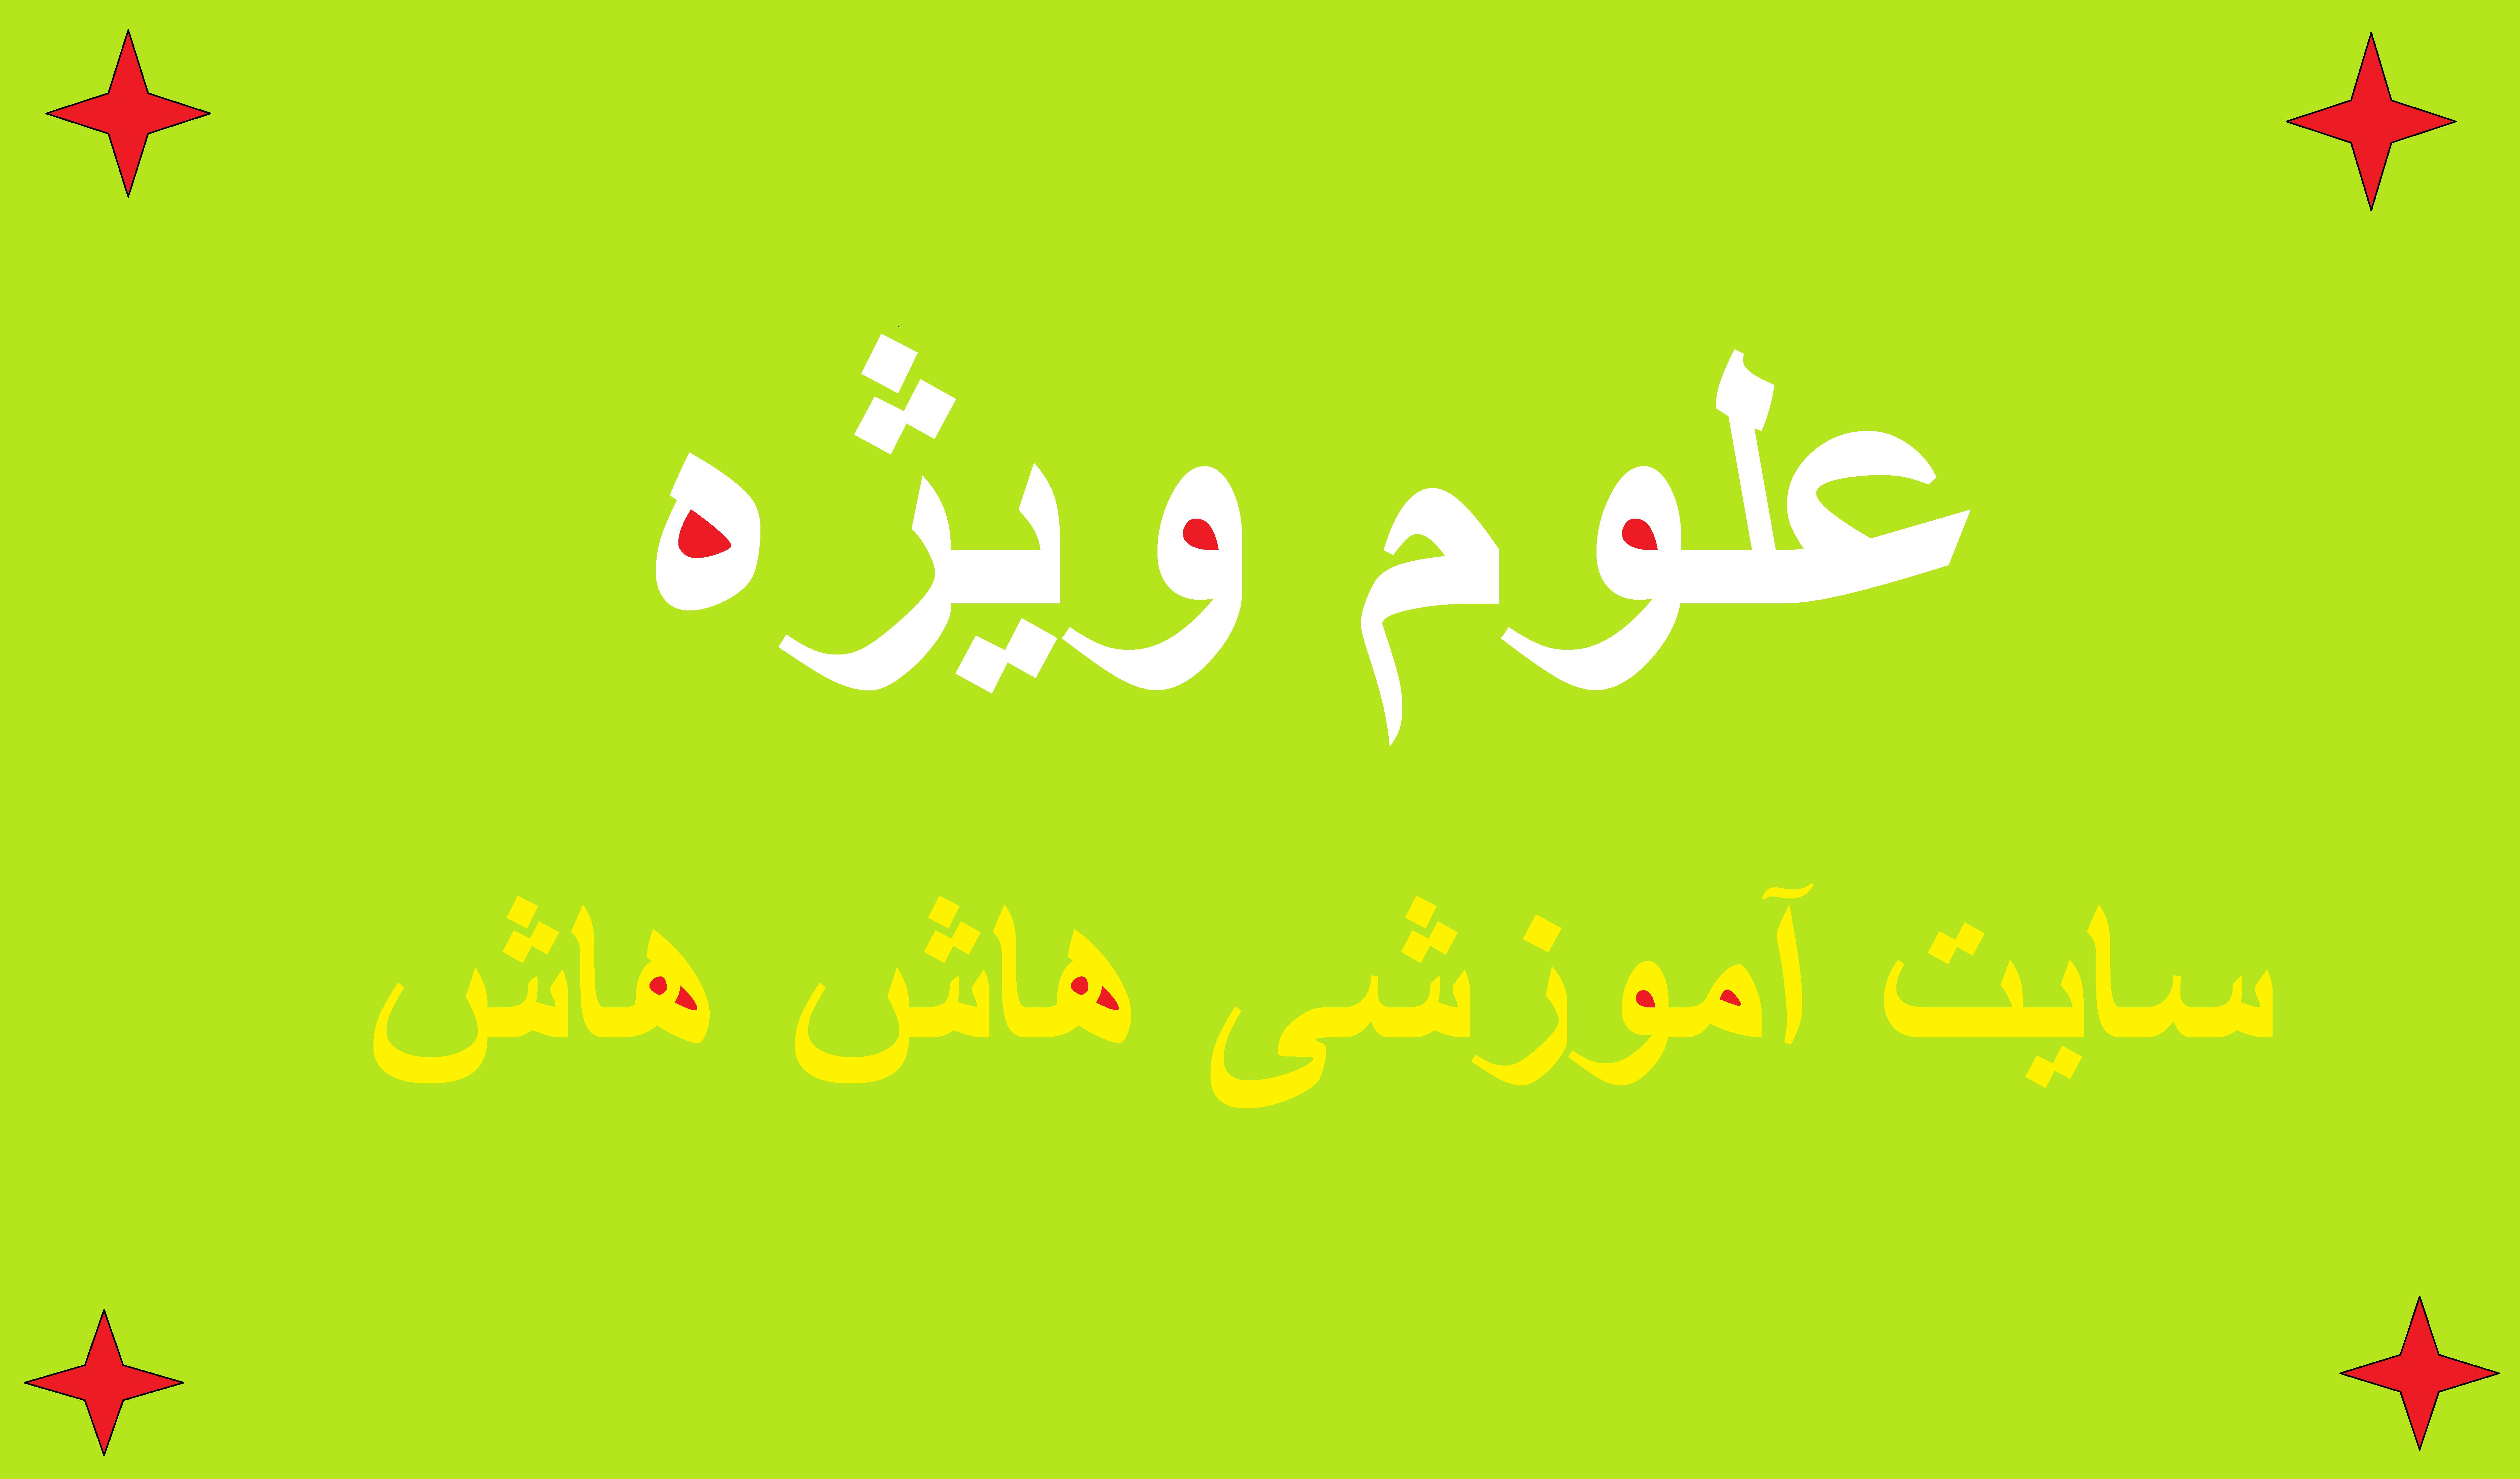 دانلود مصاحبه فرشاد احمدزاده در زاویه بسته پاسخنامه کتاب خیلی سبز علوم نهم